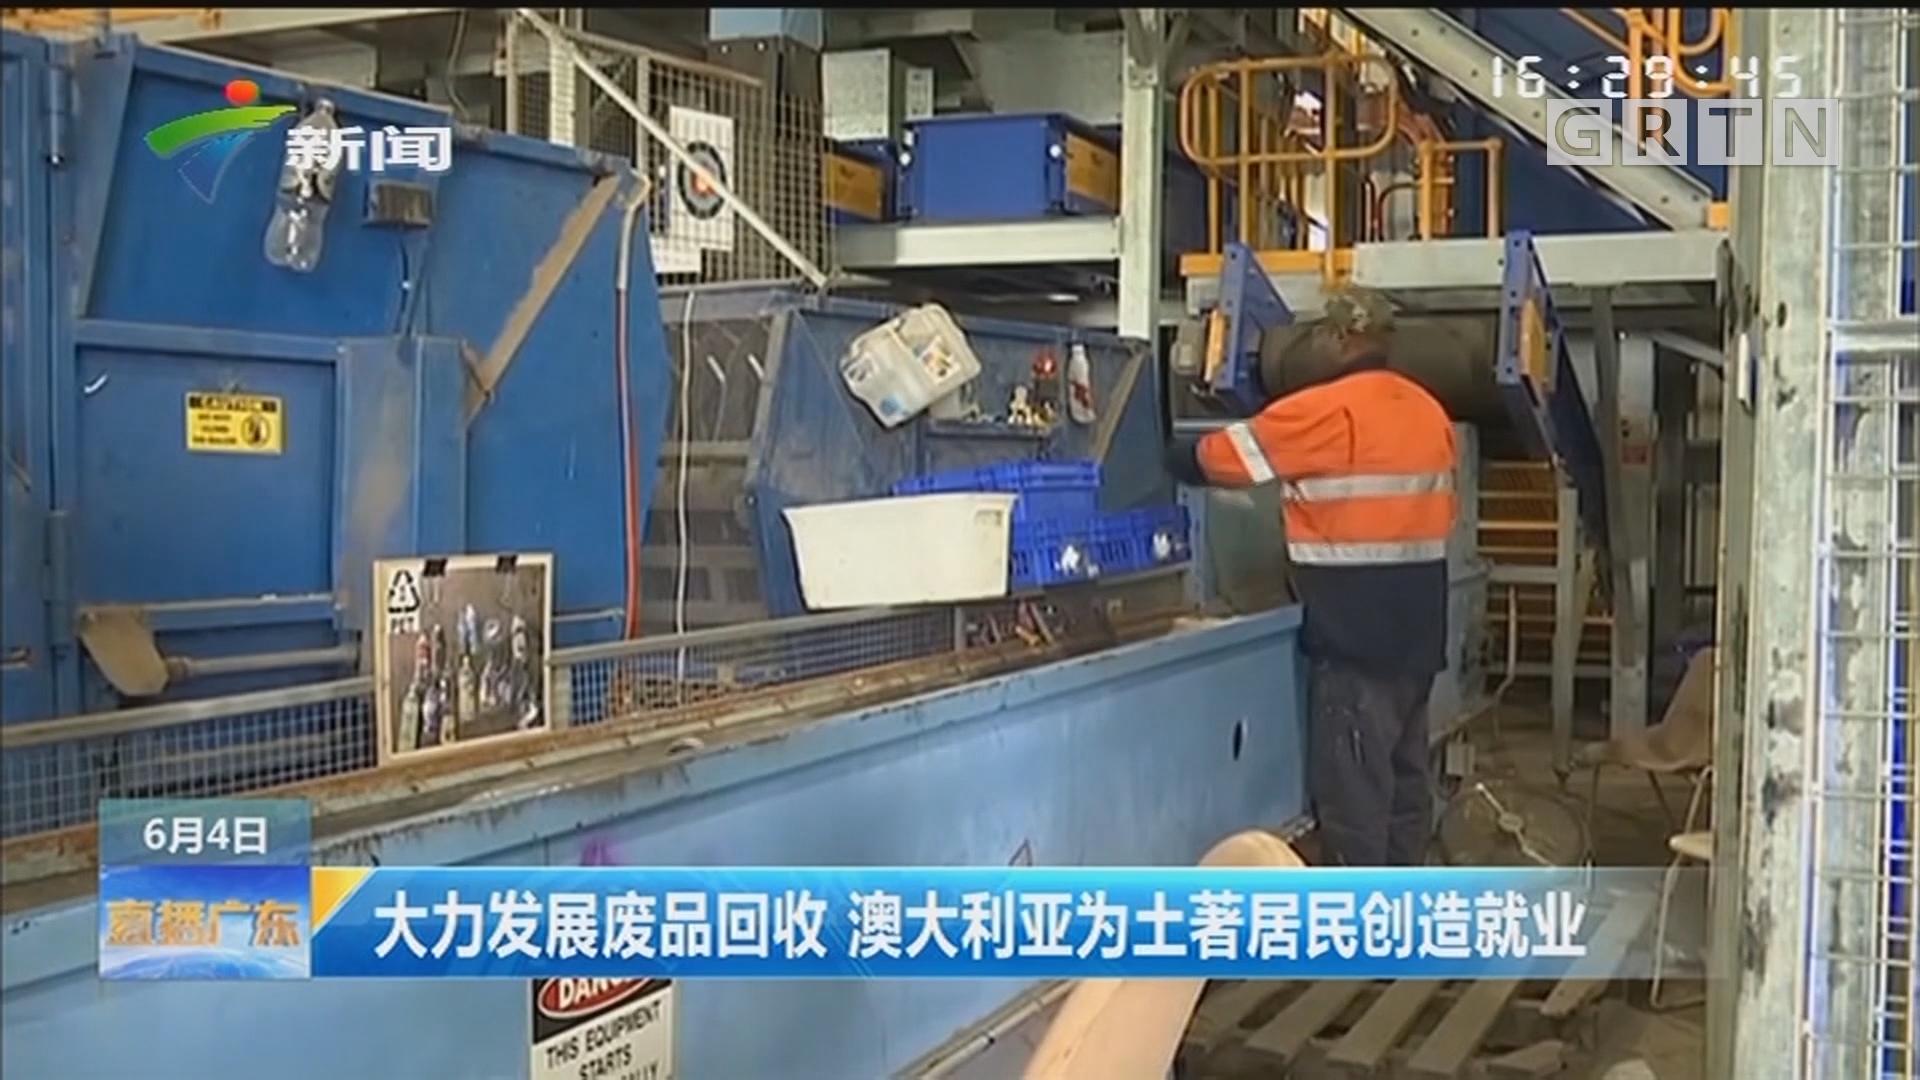 大力发展废品回收 澳大利亚为土著居民创造就业